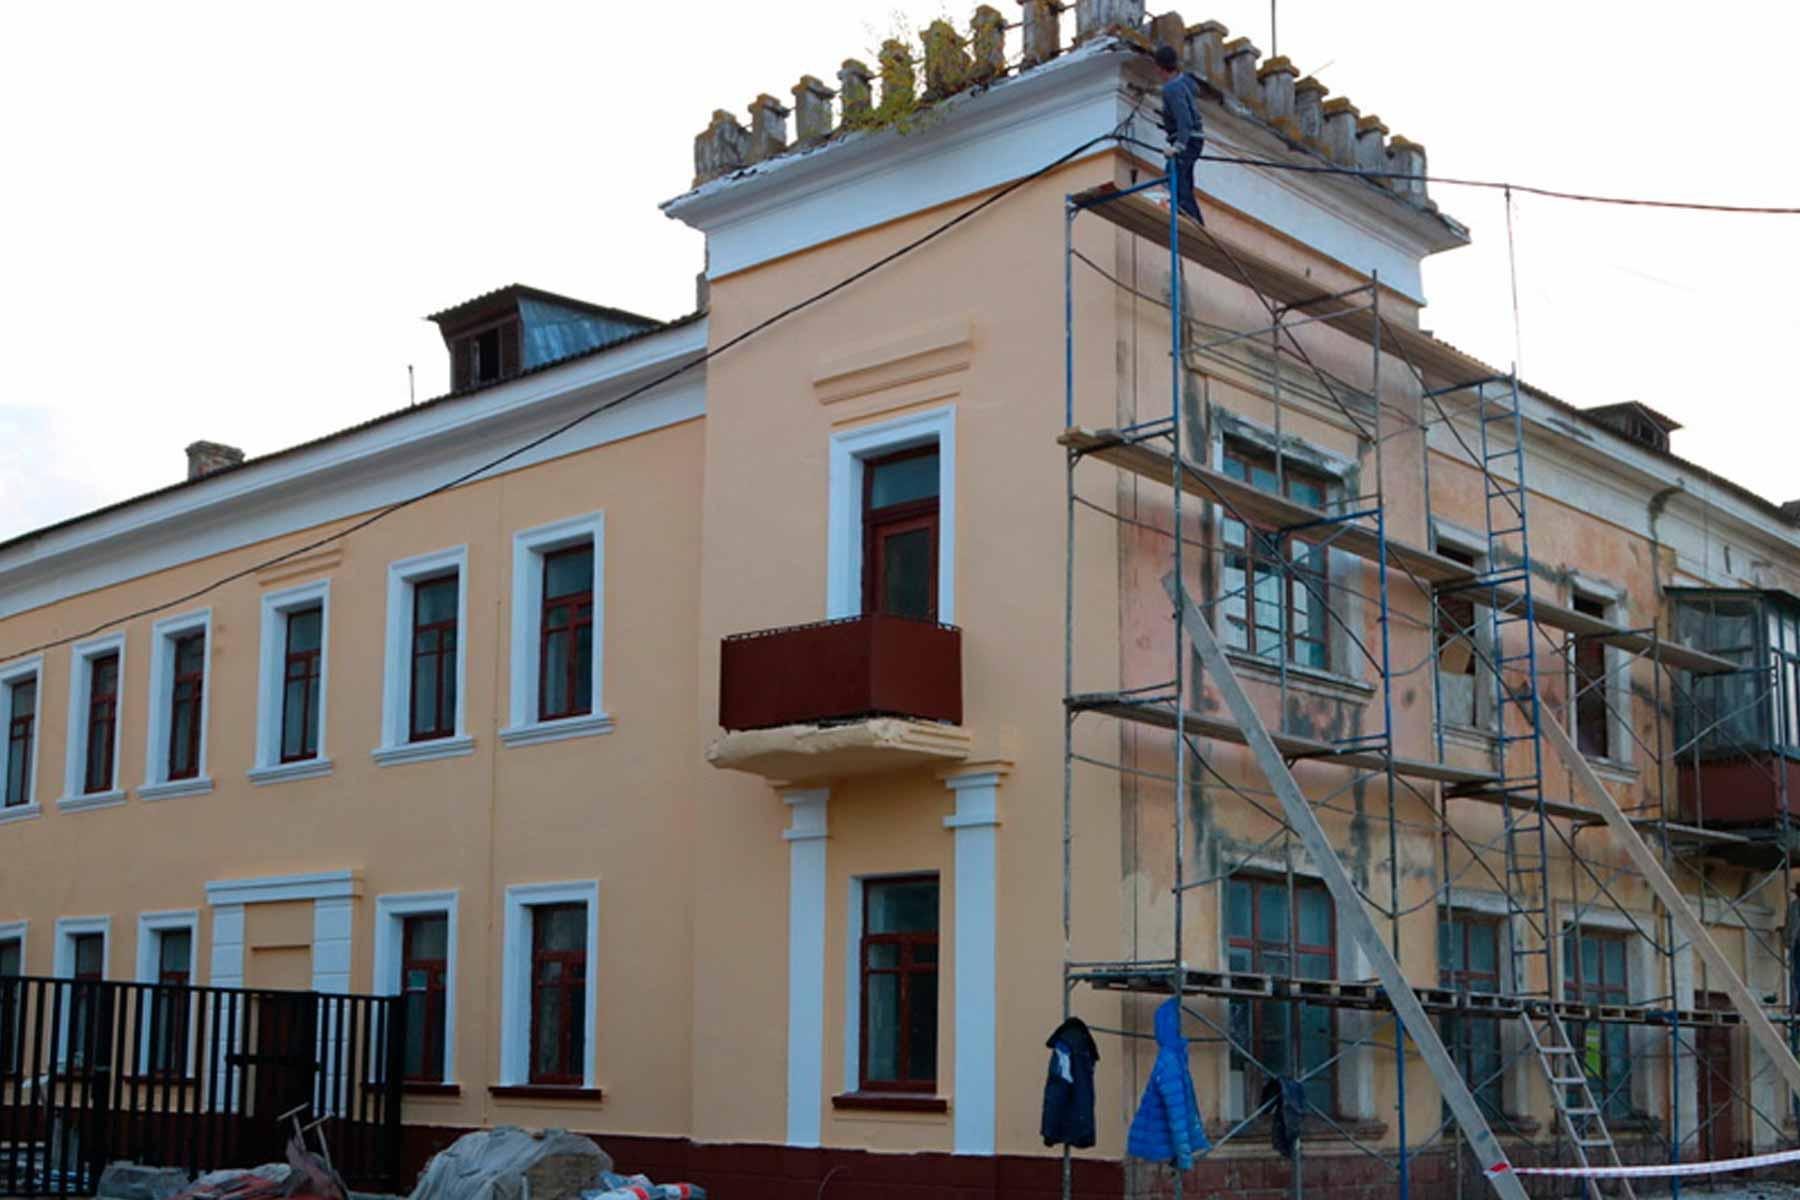 Брянский бизнесмен Алексей Кубарев отремонтирует памятник архитектуры рядом со своей гостиницей